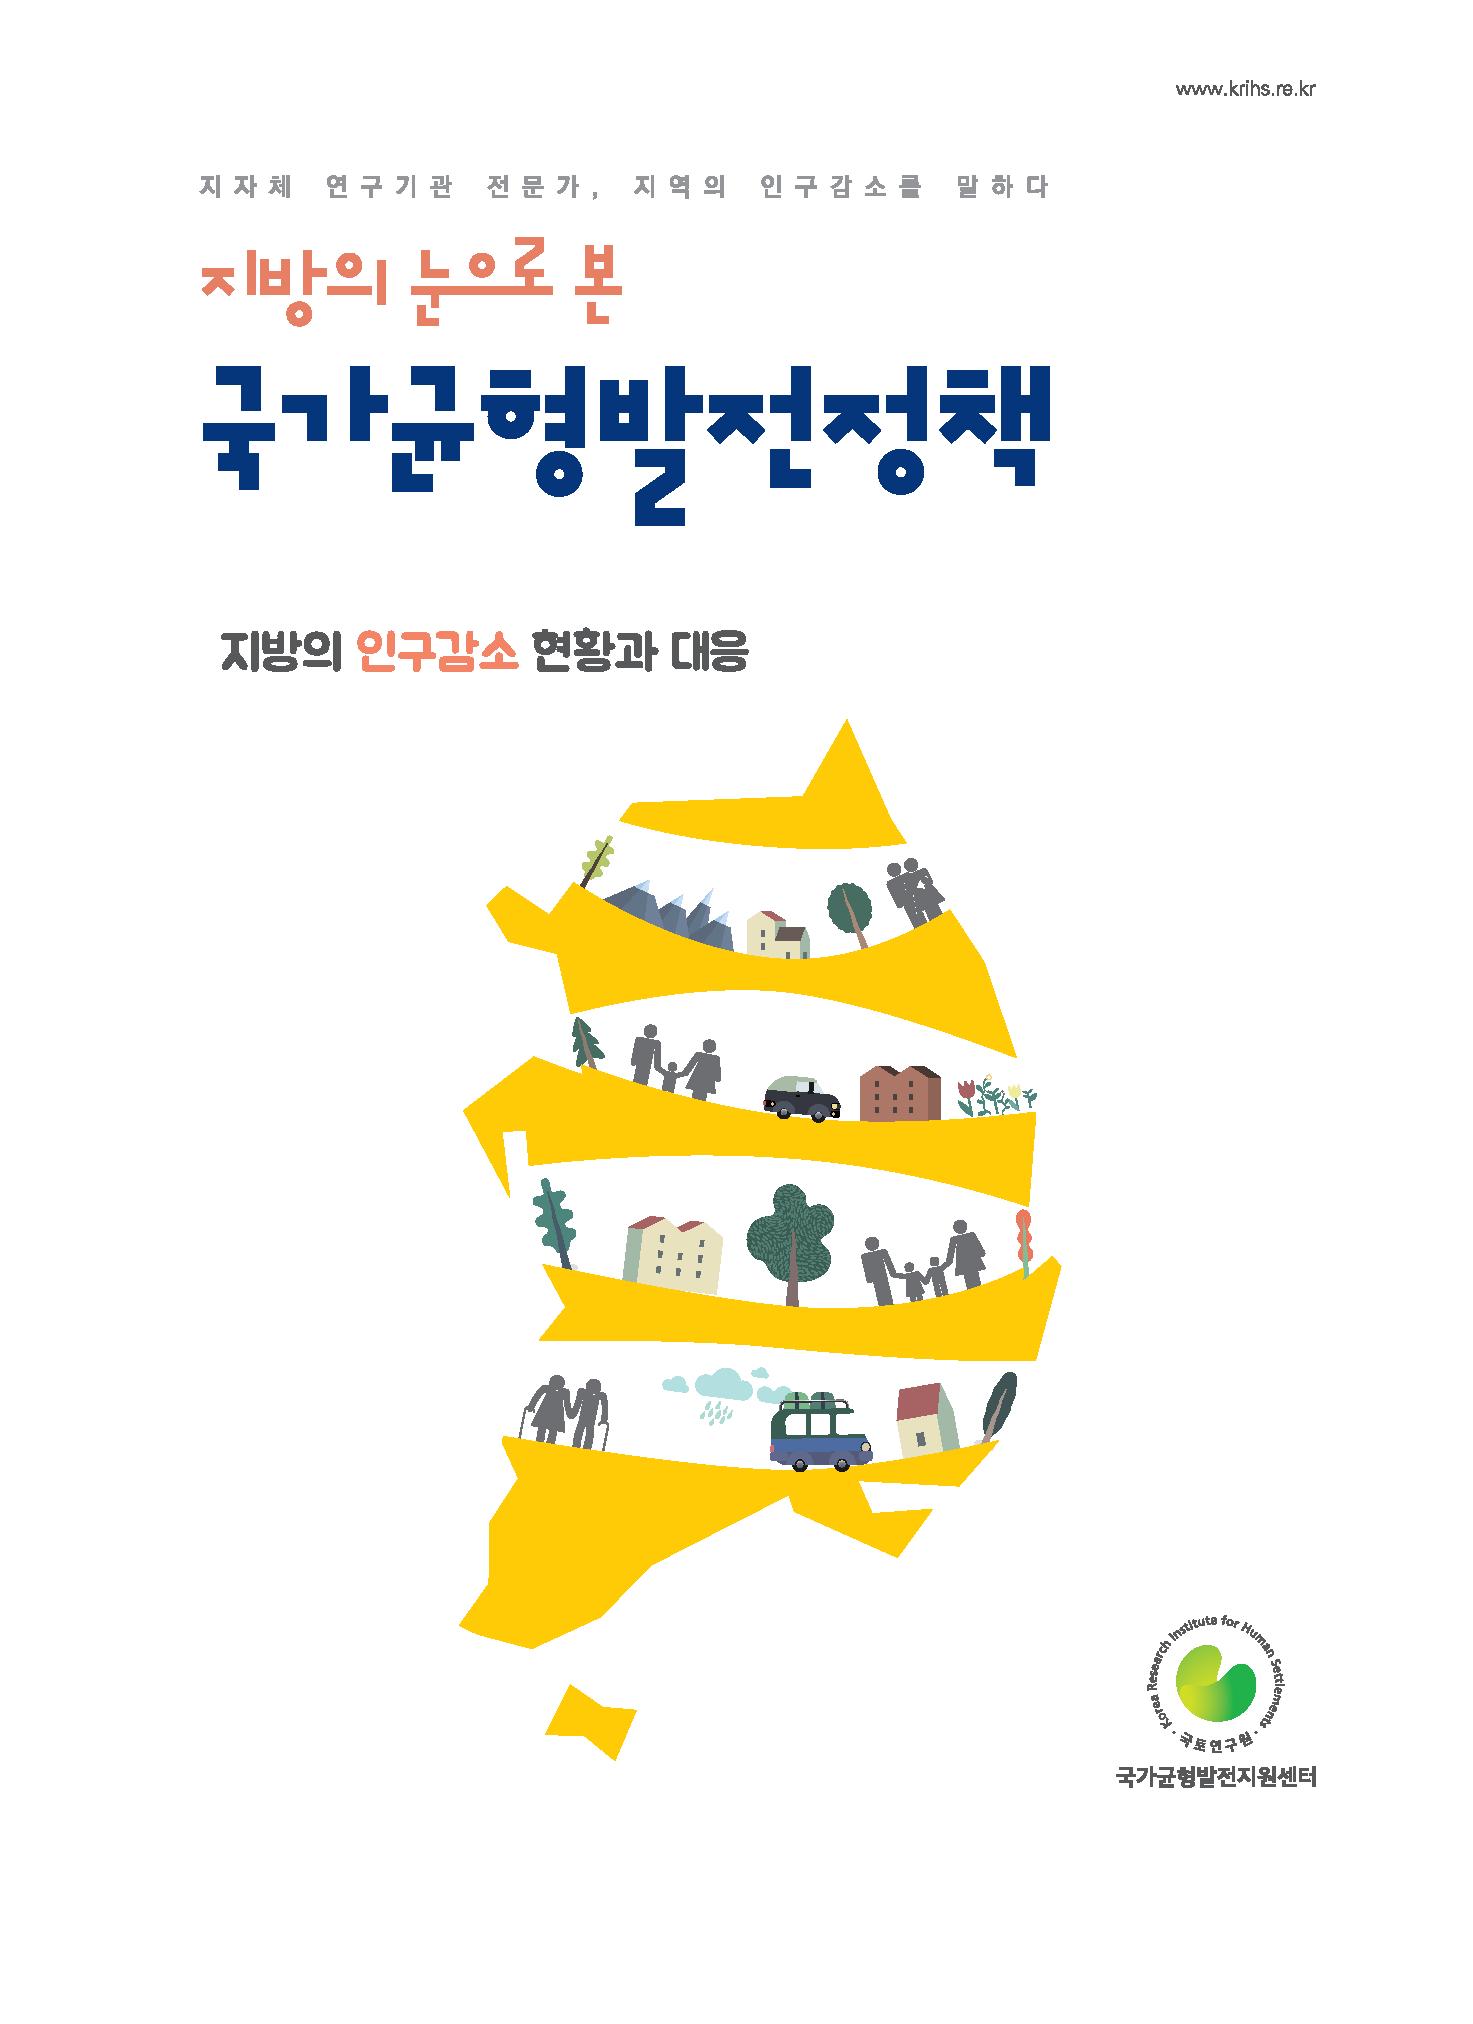 지방의 눈으로 본 국가균형발전정책 - 지방의 인구감소 현황과 대응 (지자체 연구기관 전문가, 지역의 인구감소를 말하다)